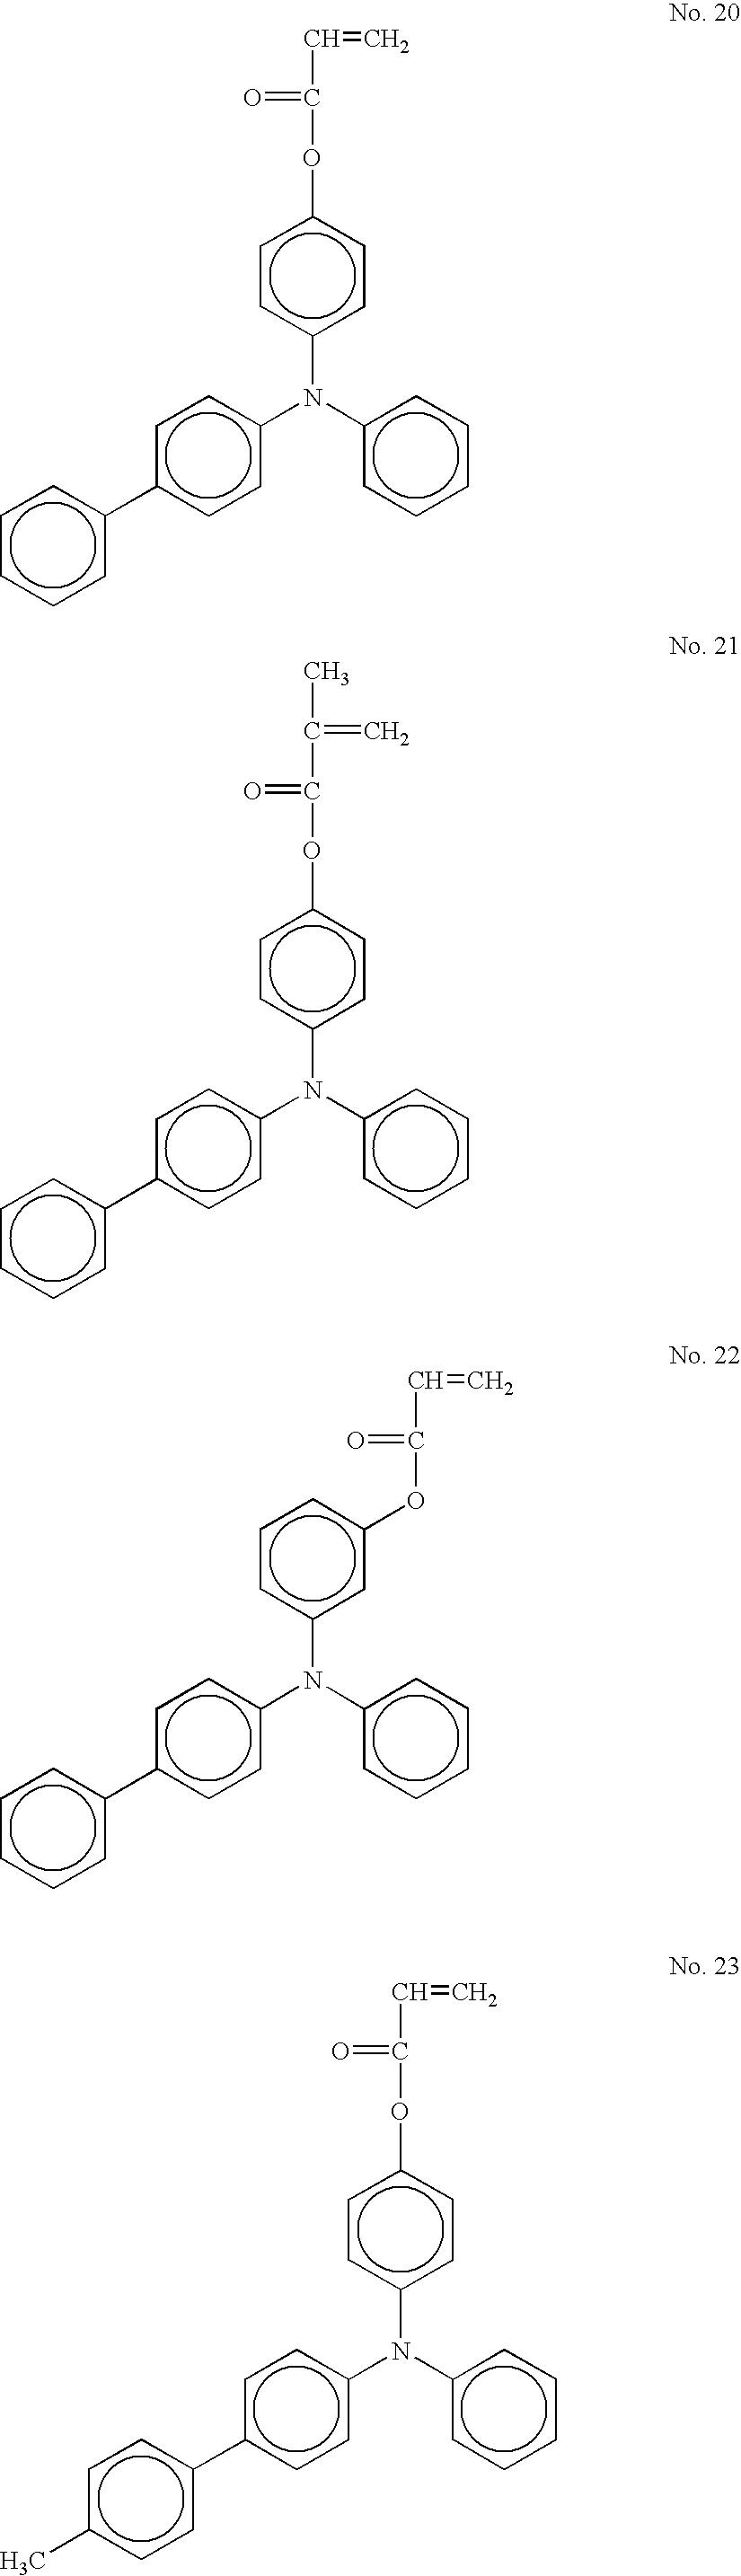 Figure US20070059619A1-20070315-C00018